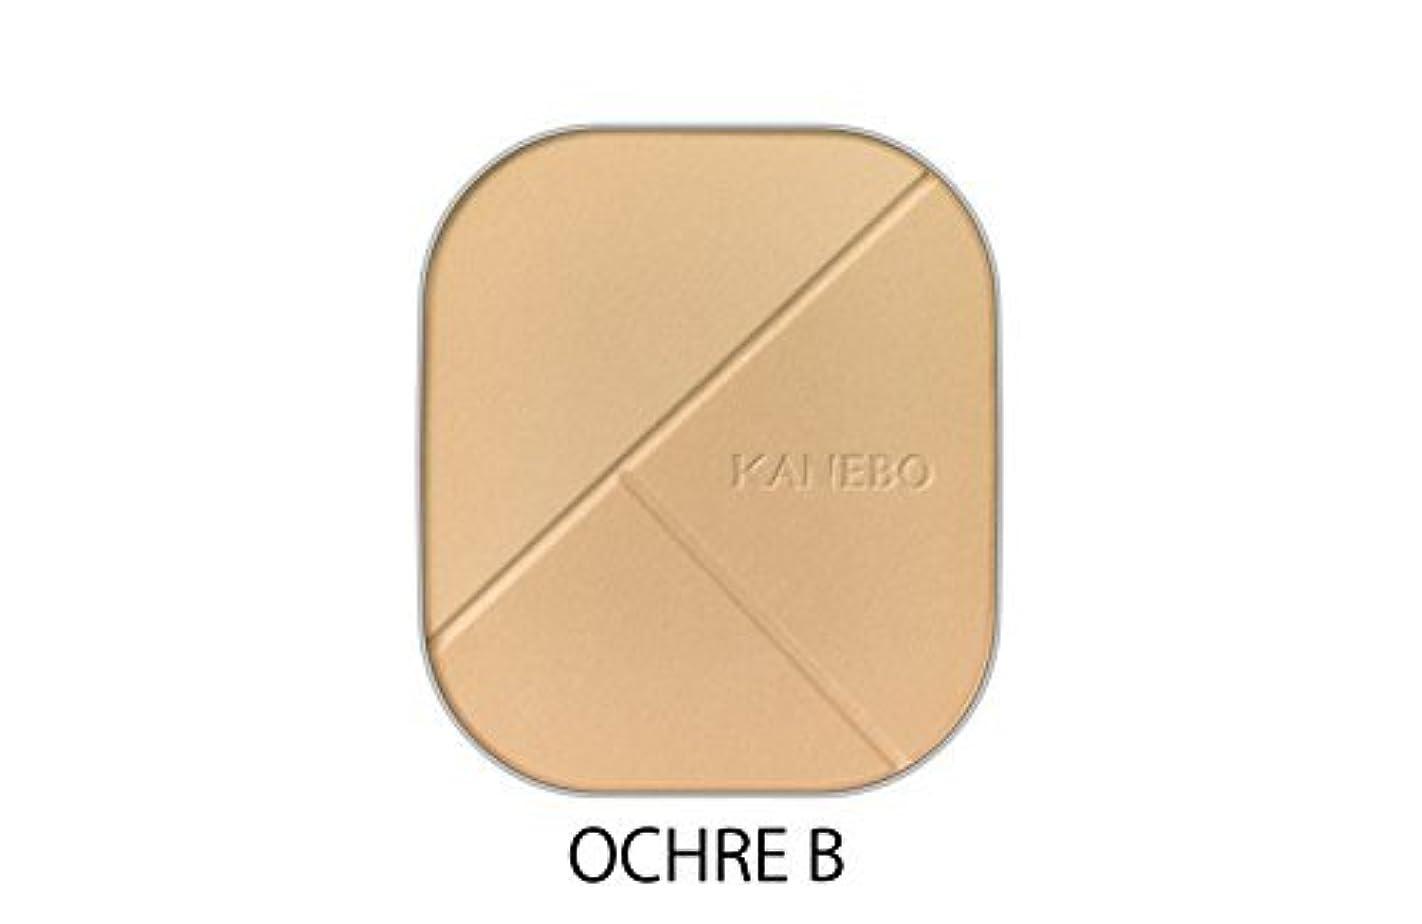 八百屋さんリスト生まれカネボウ KANEBO デュアルラディアンスファンデーション (レフィル) #OCHRE B 9g [ファンデーション]:(メール便対応) [並行輸入品]